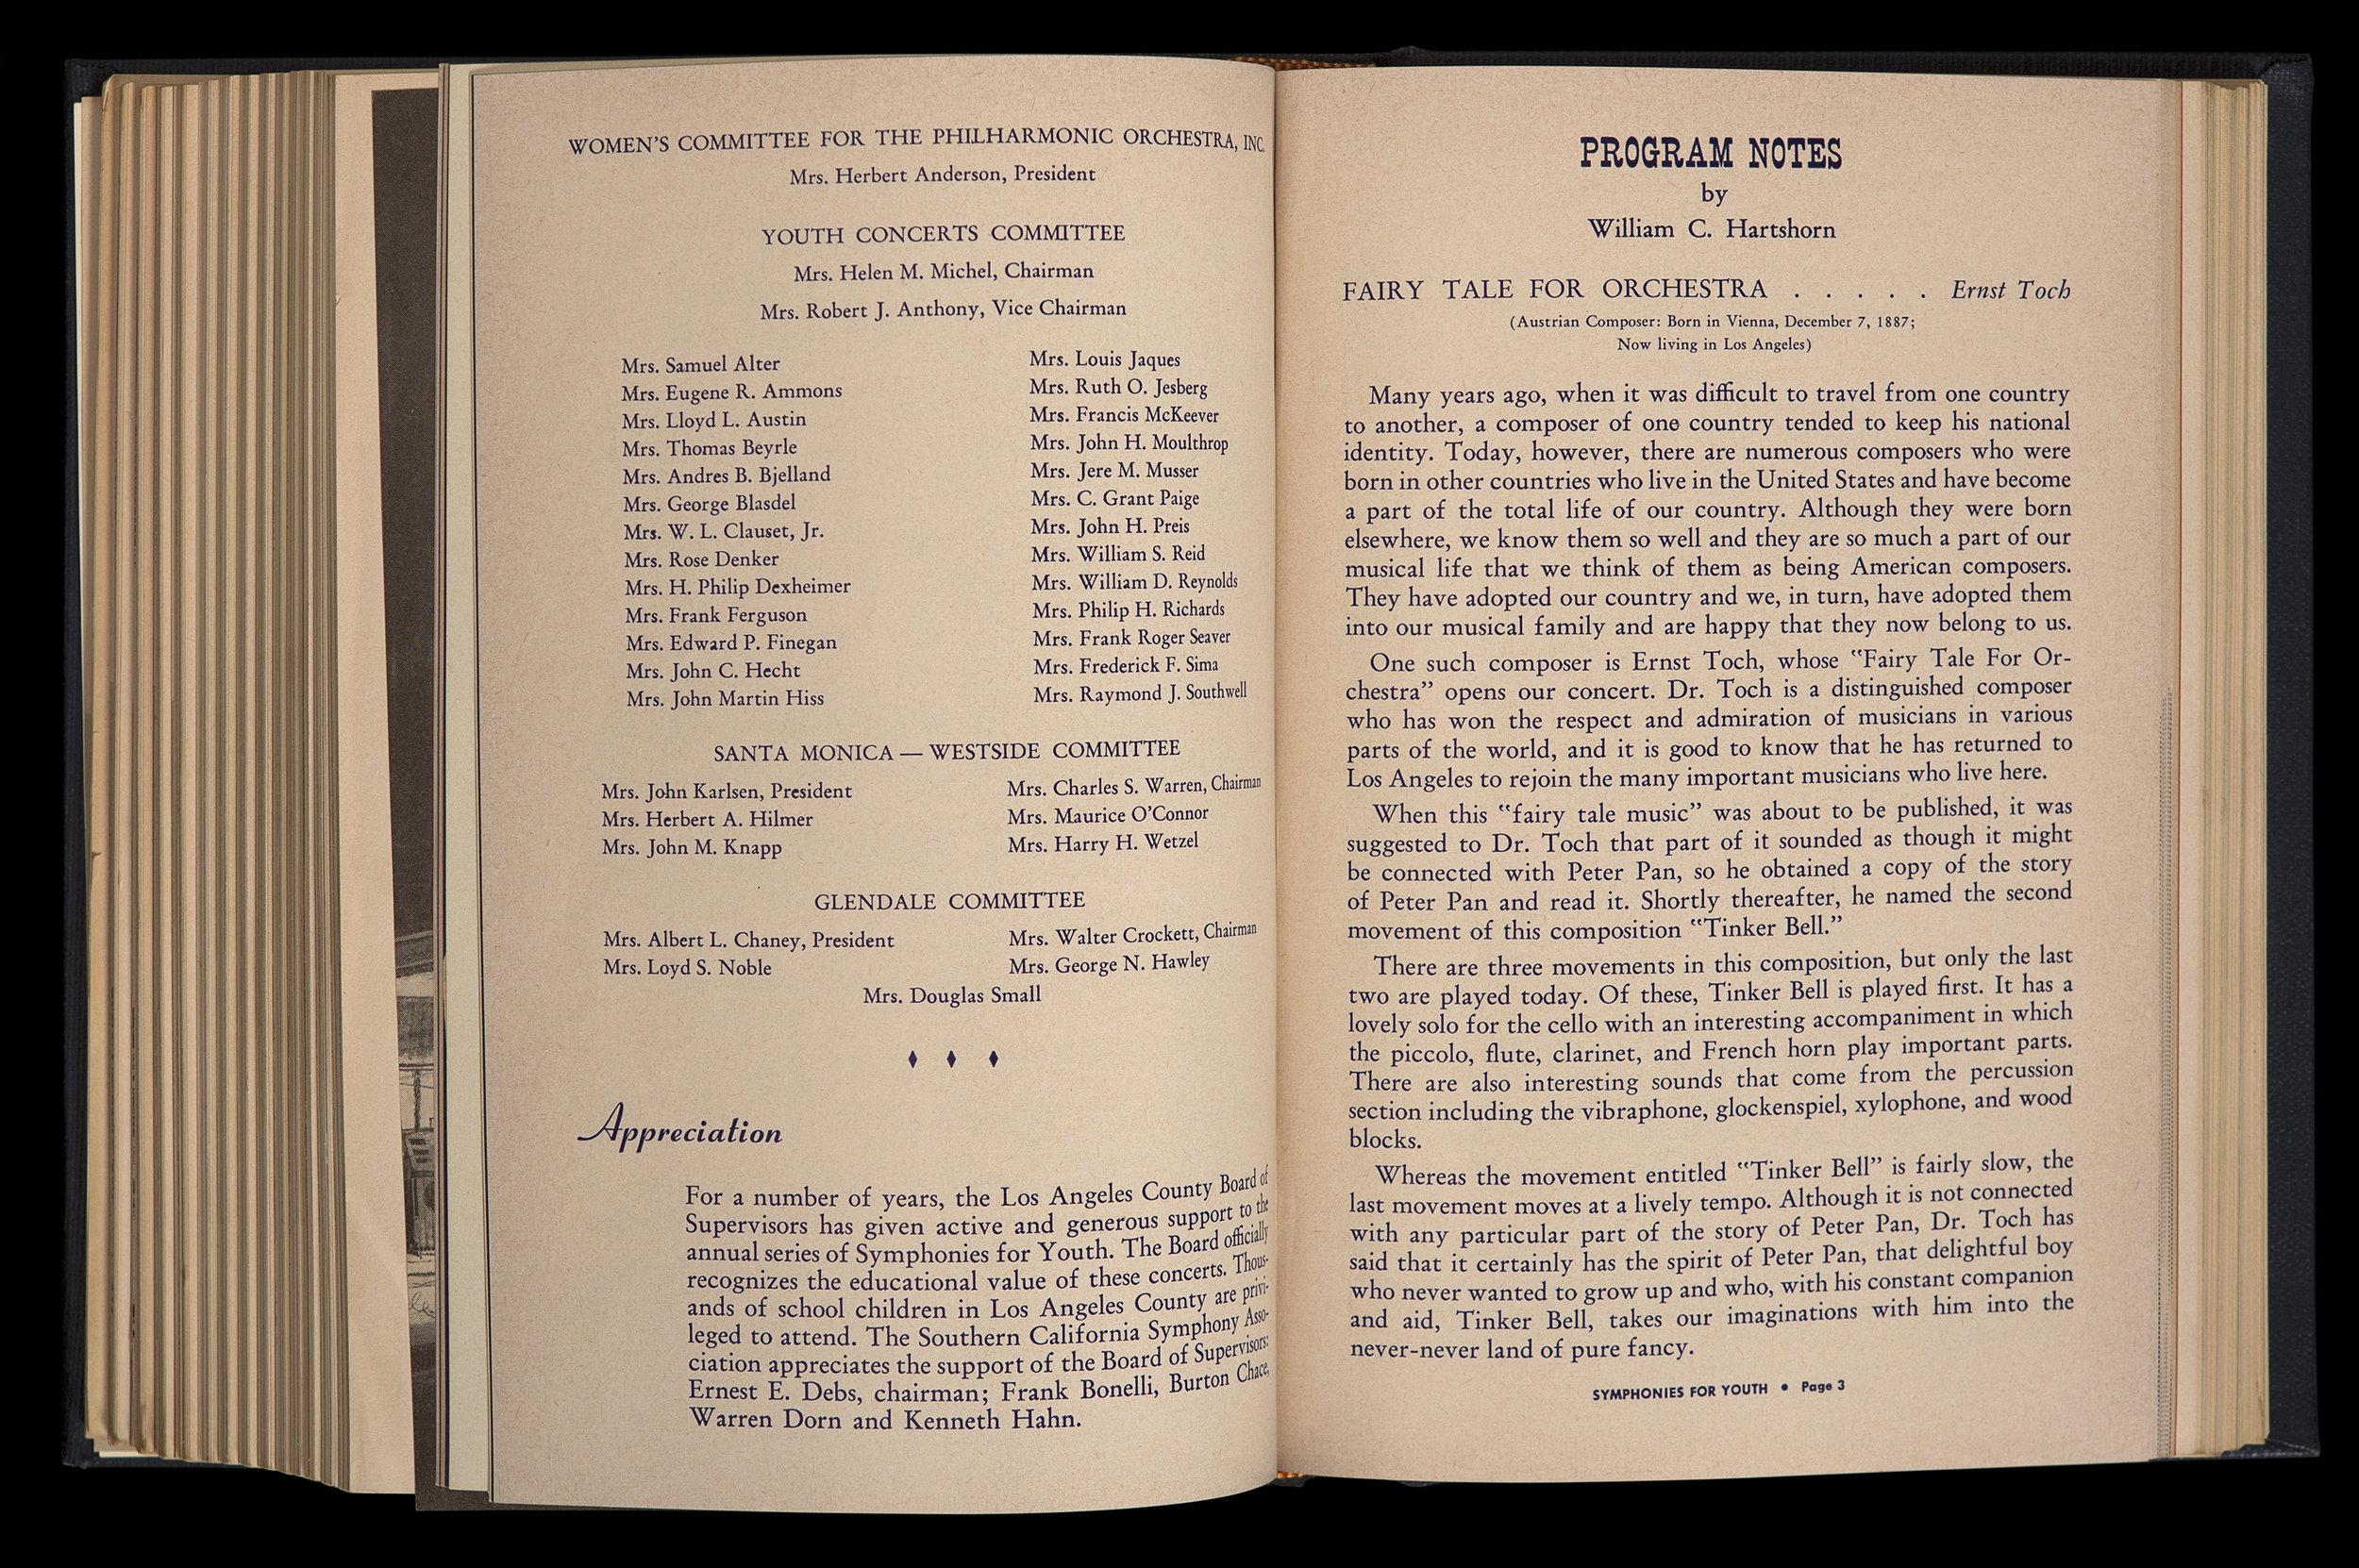 LAPO_ProgramBook_PageB_1961-1962.jpg